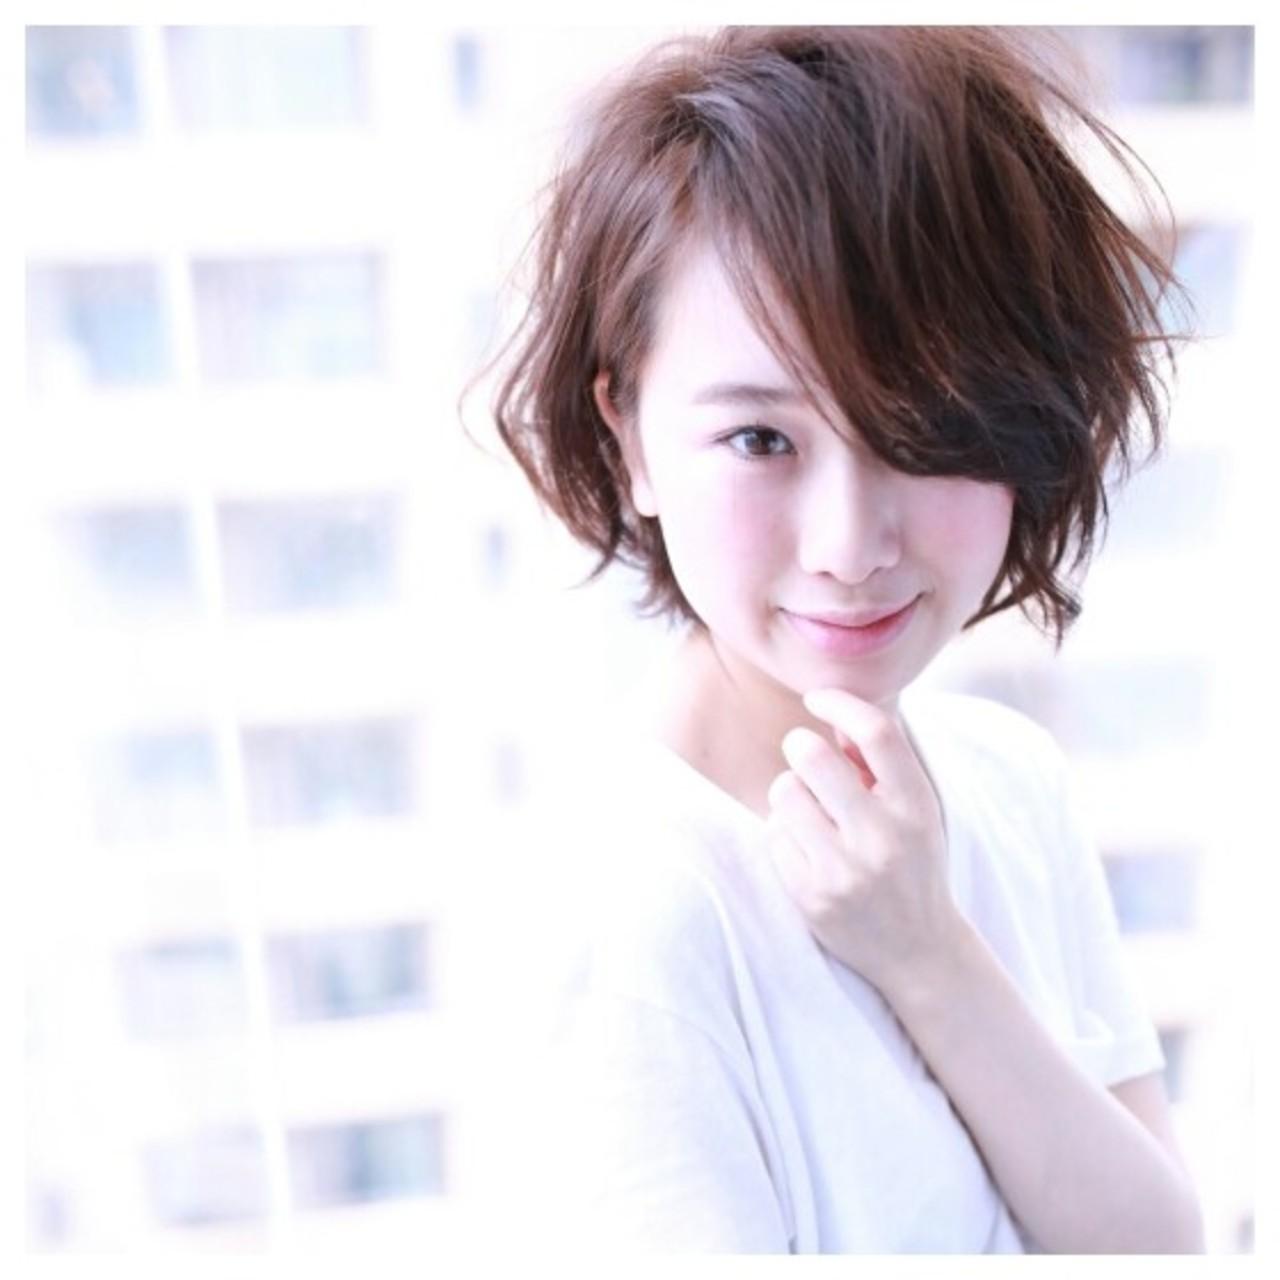 大人かわいい ナチュラル 色気 大人女子 ヘアスタイルや髪型の写真・画像 | Cloud zero 池袋 / Cloud zero クラウドゼロ